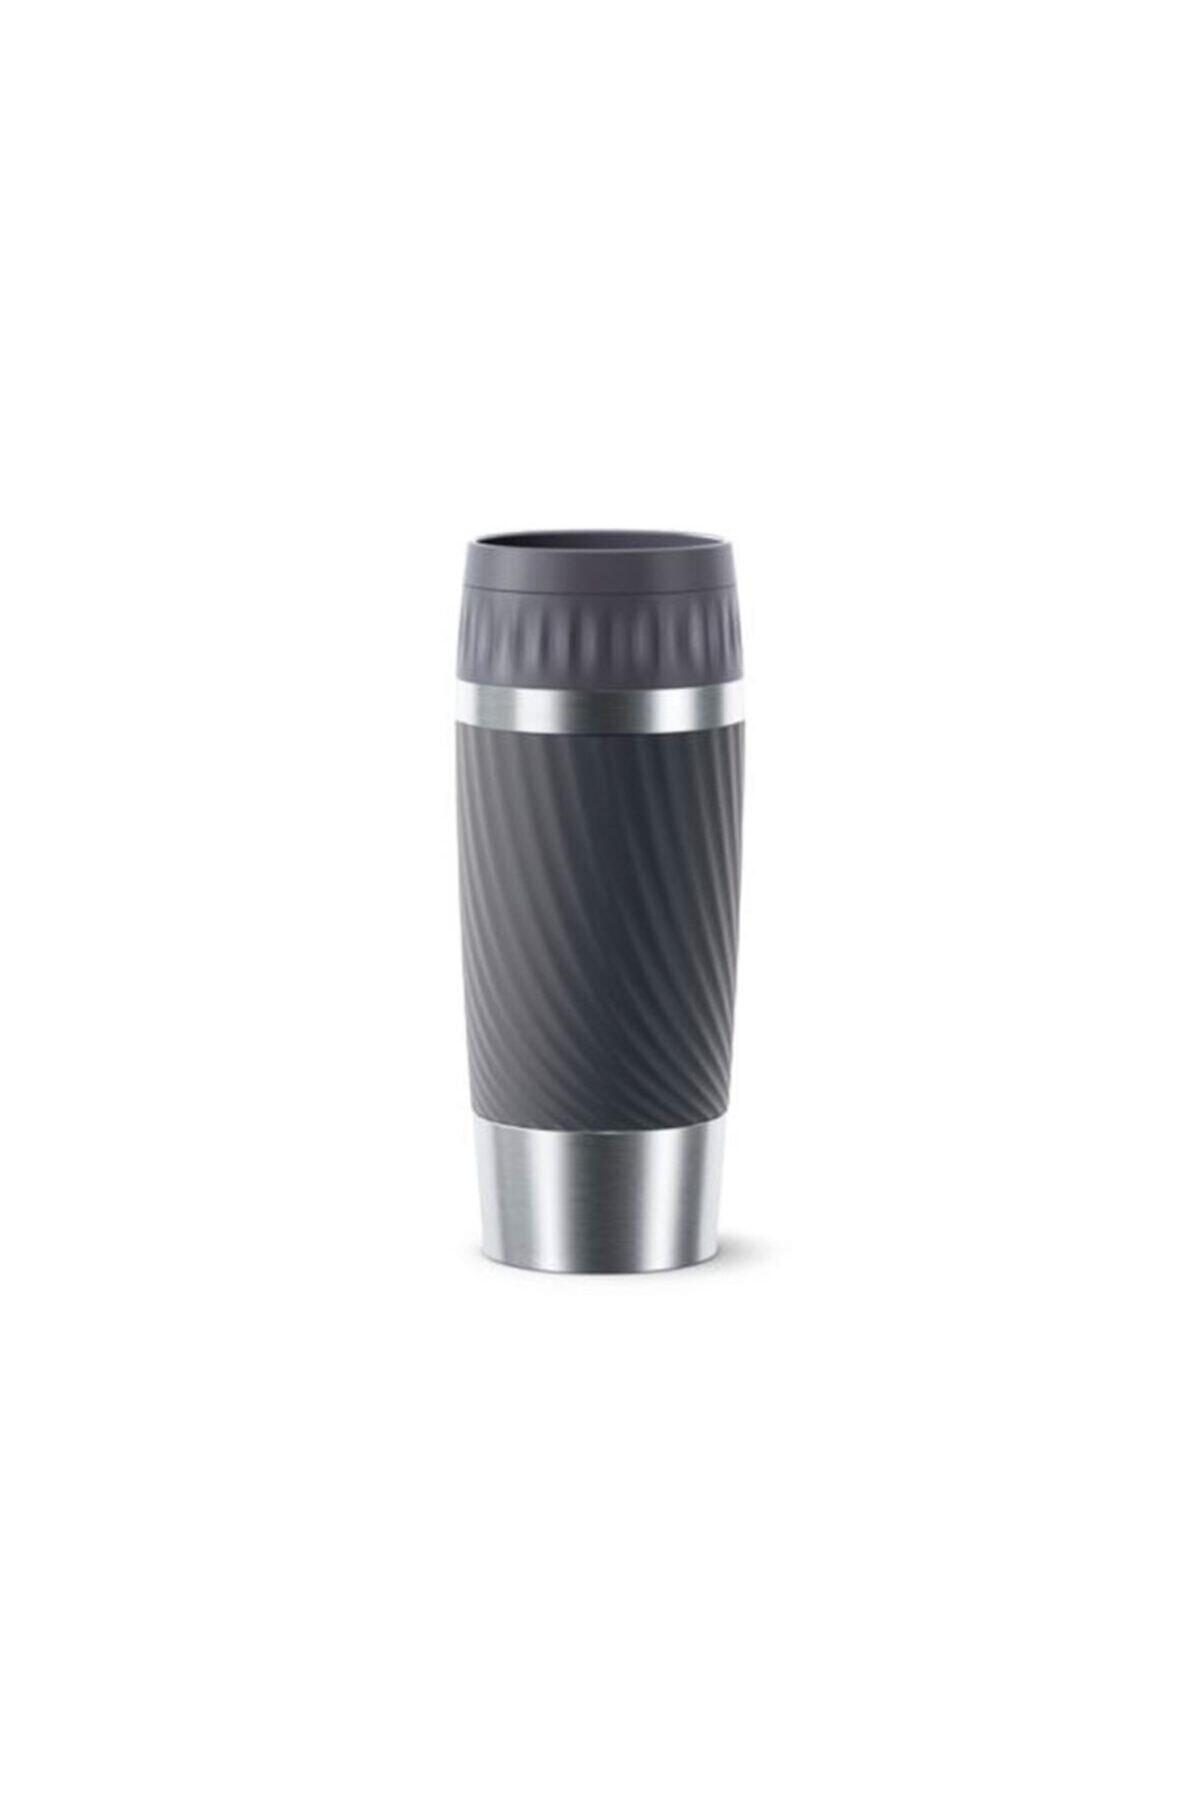 TEFAL Travel Mug Easy Twist Gri 0.36l 1